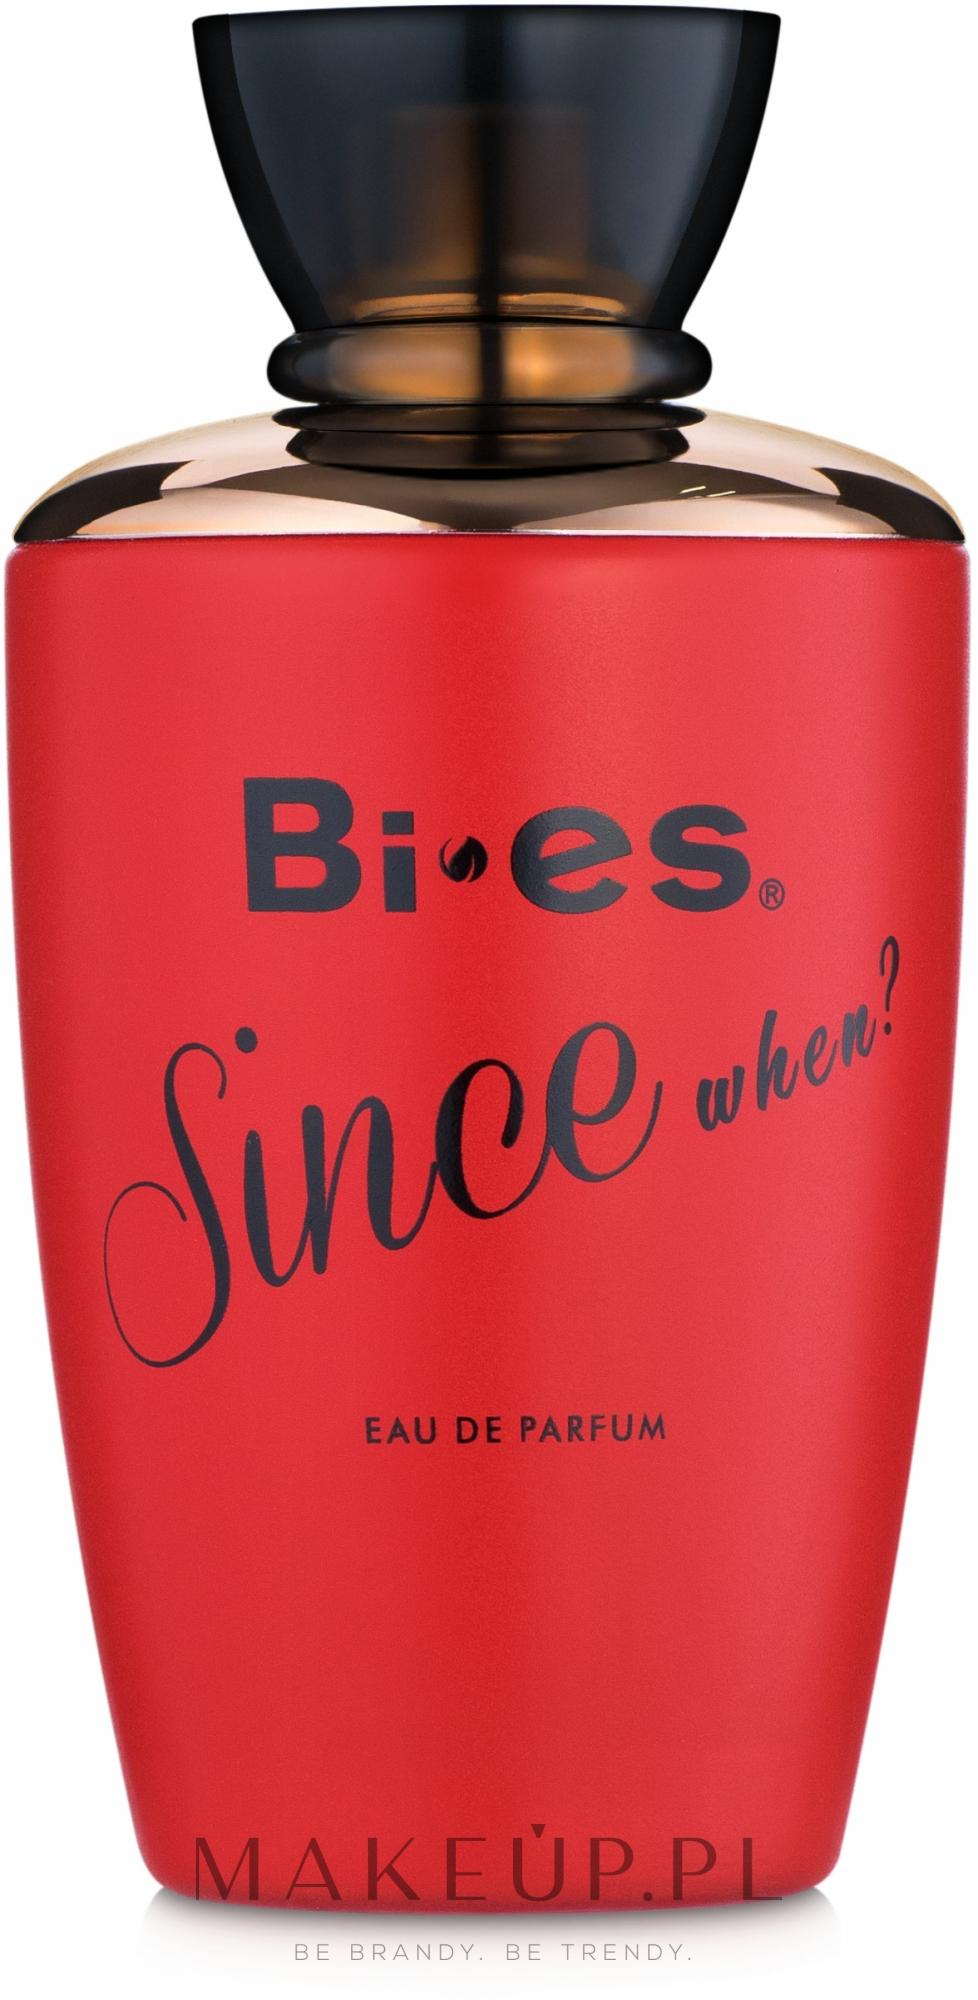 bi-es since when?